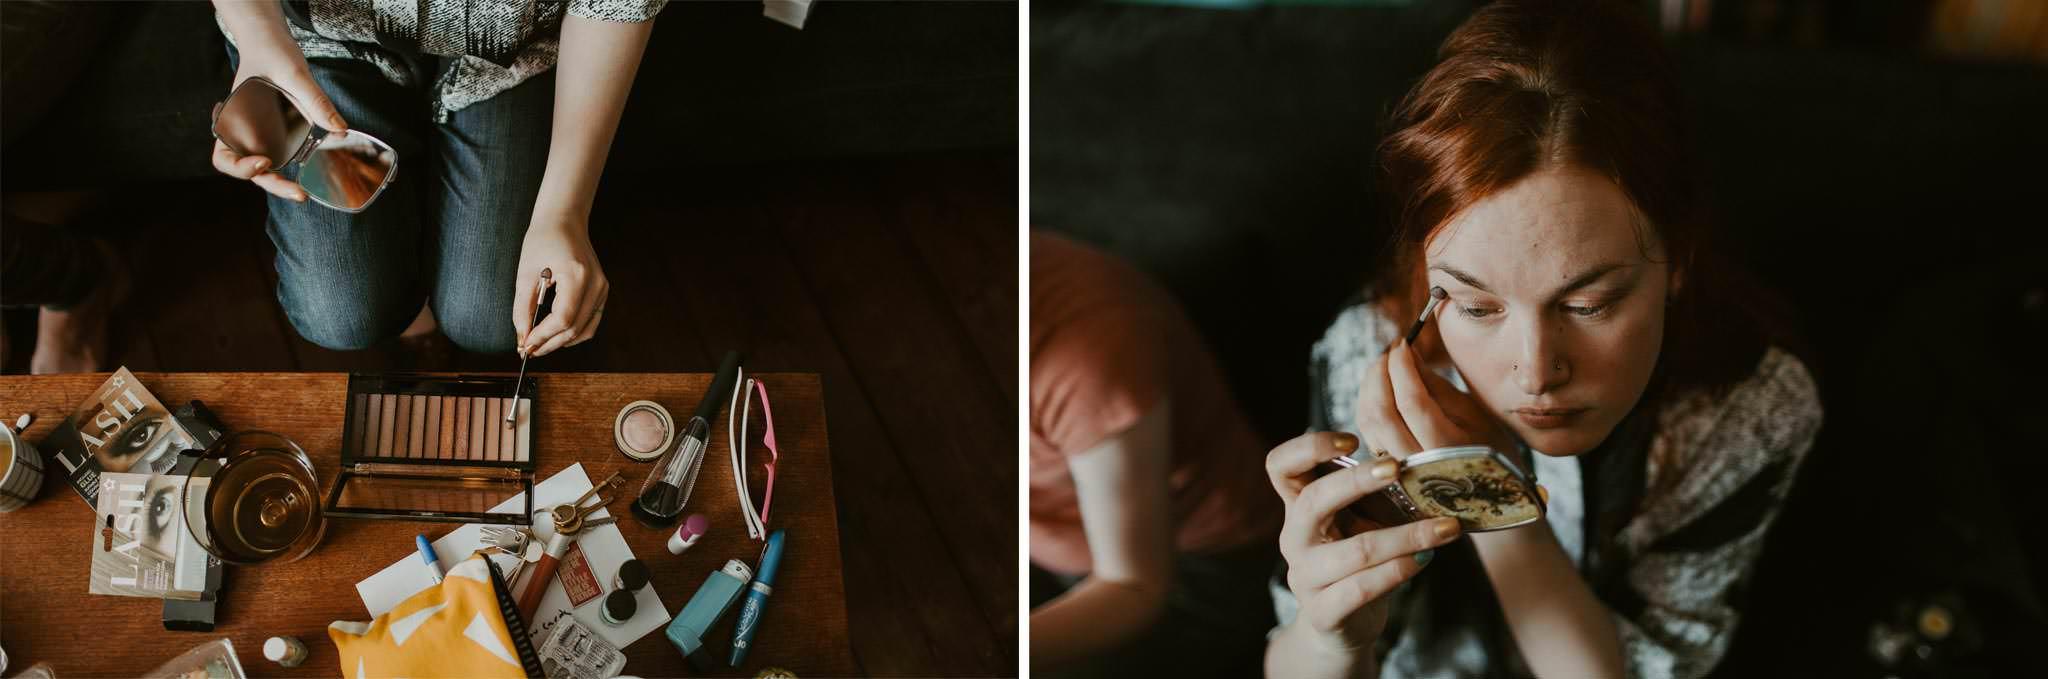 scottish-wedding-photography-021